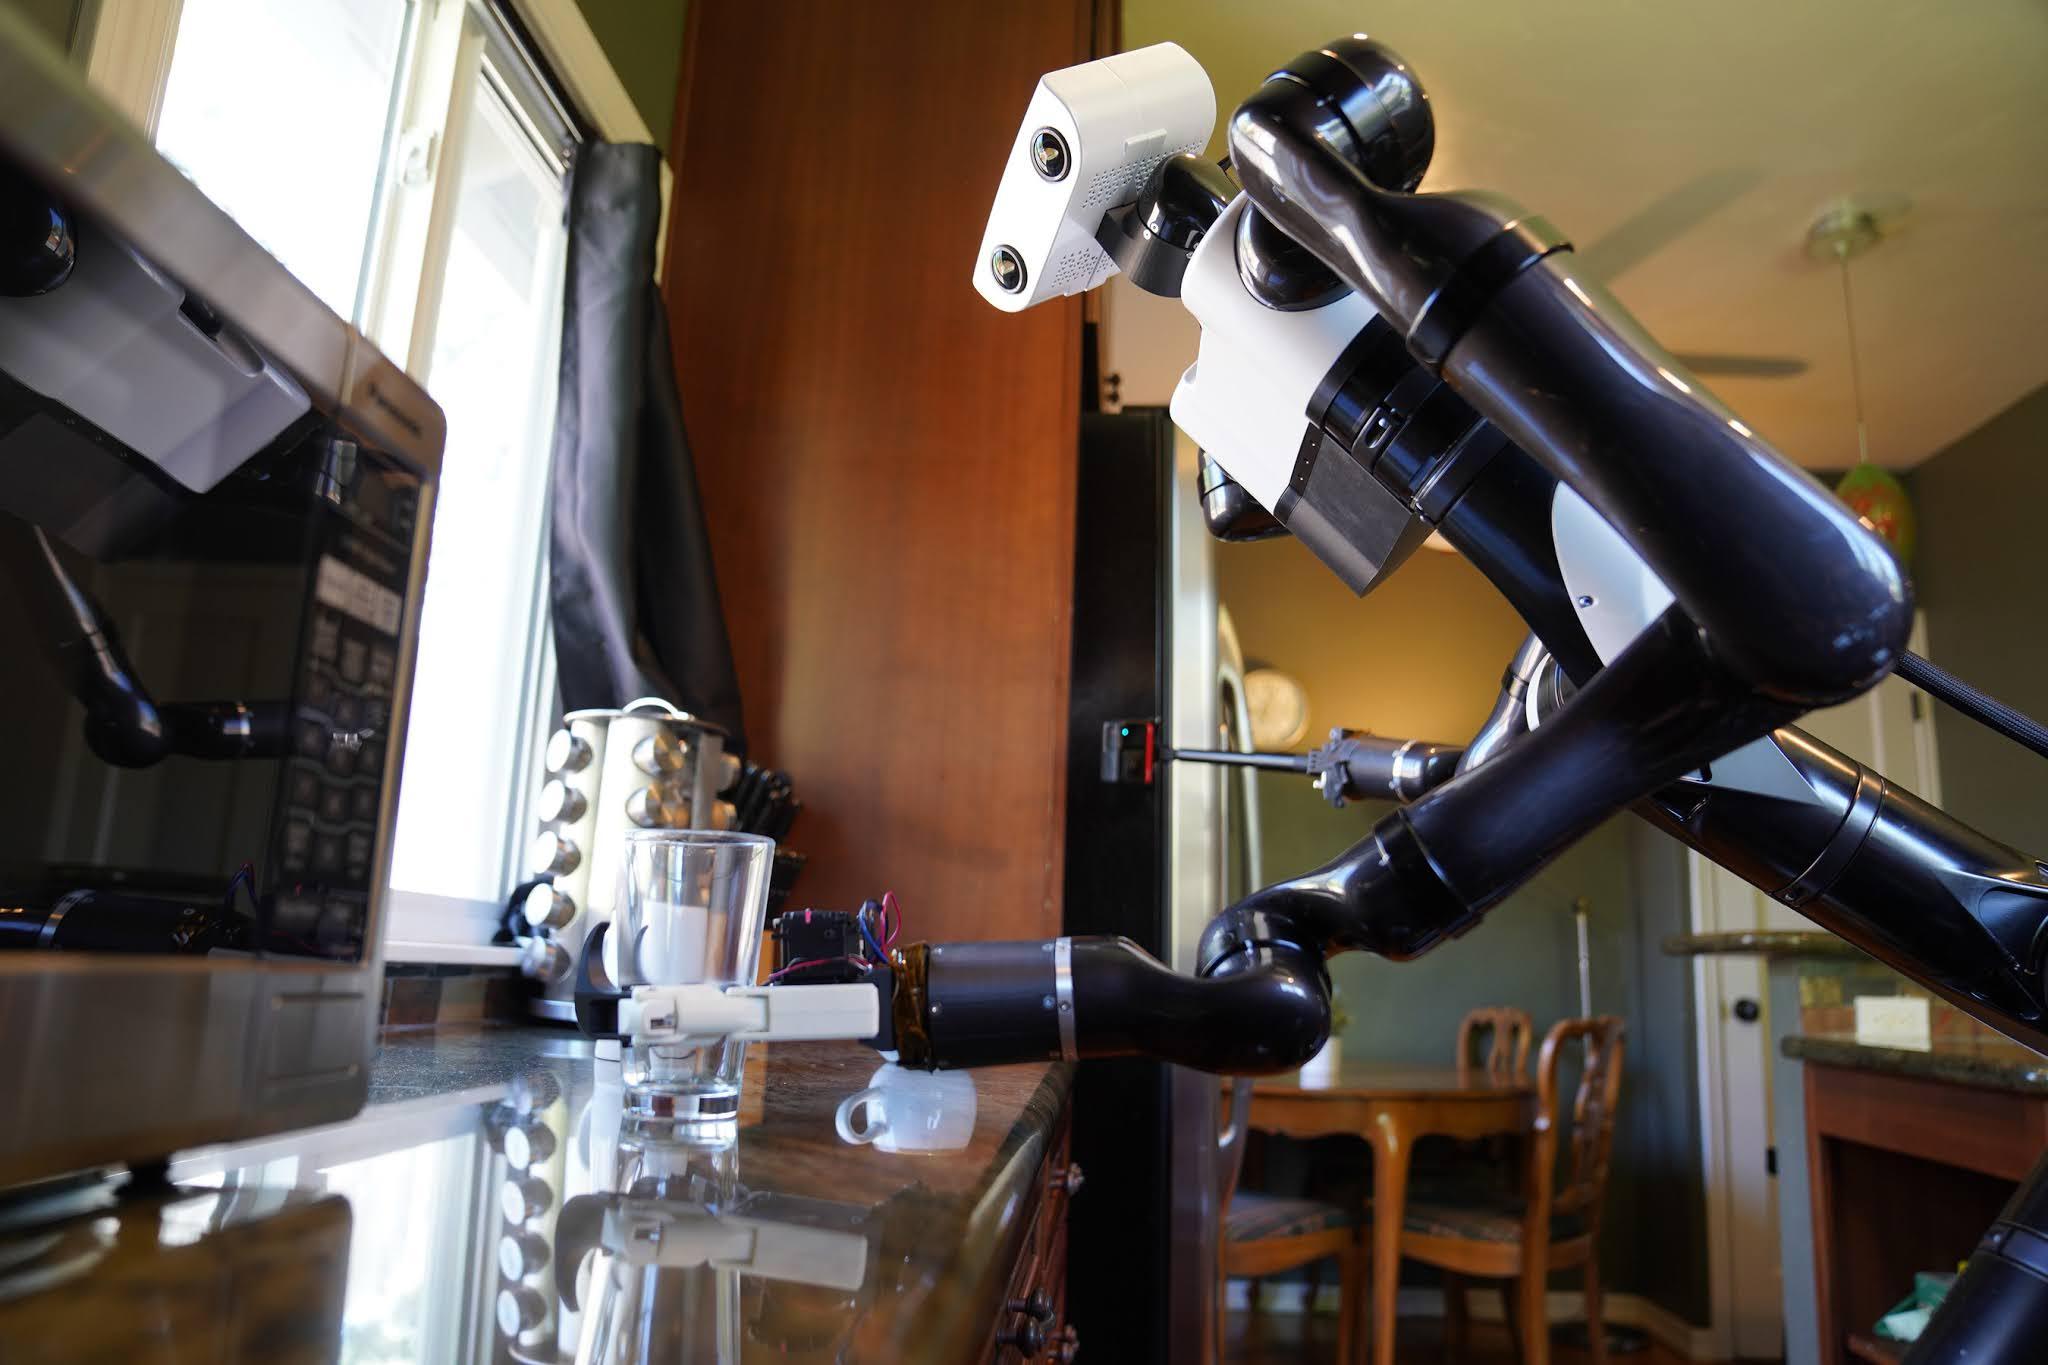 Toyota Research Institute Reaches New Technical Milestones In Robotics